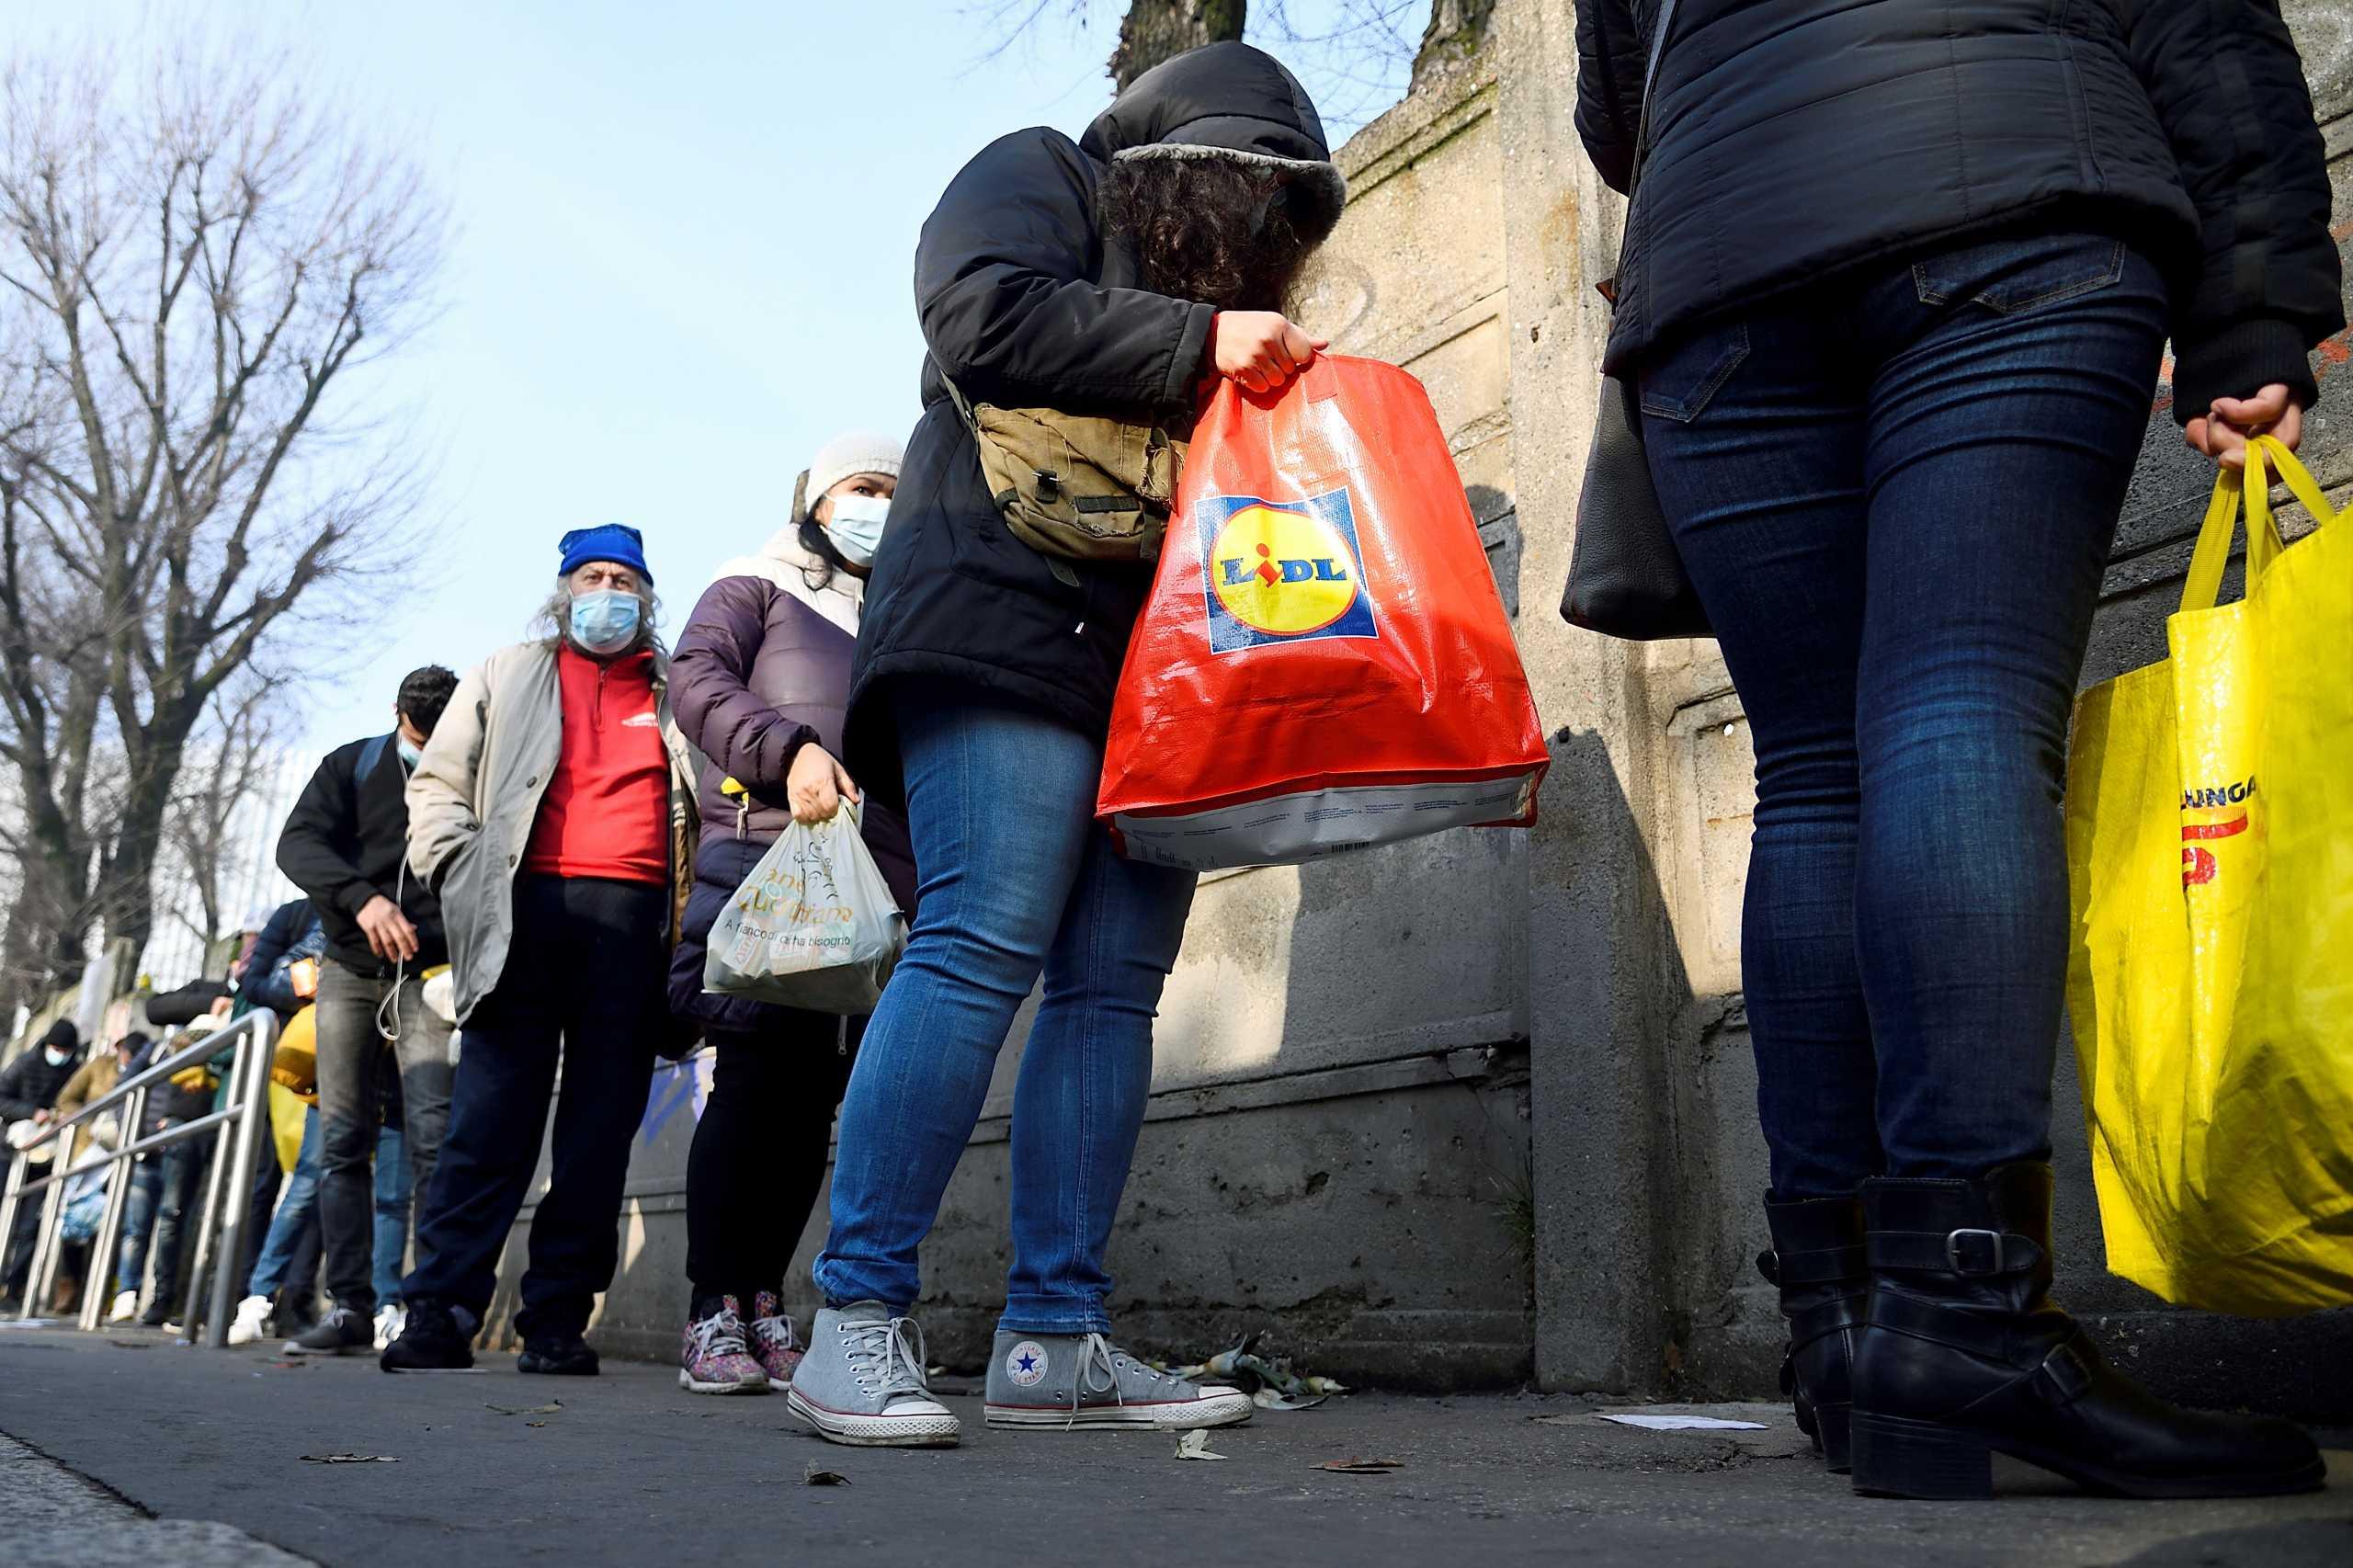 Ιταλία: Ο κορονοϊός αύξησε την απόλυτη φτώχεια